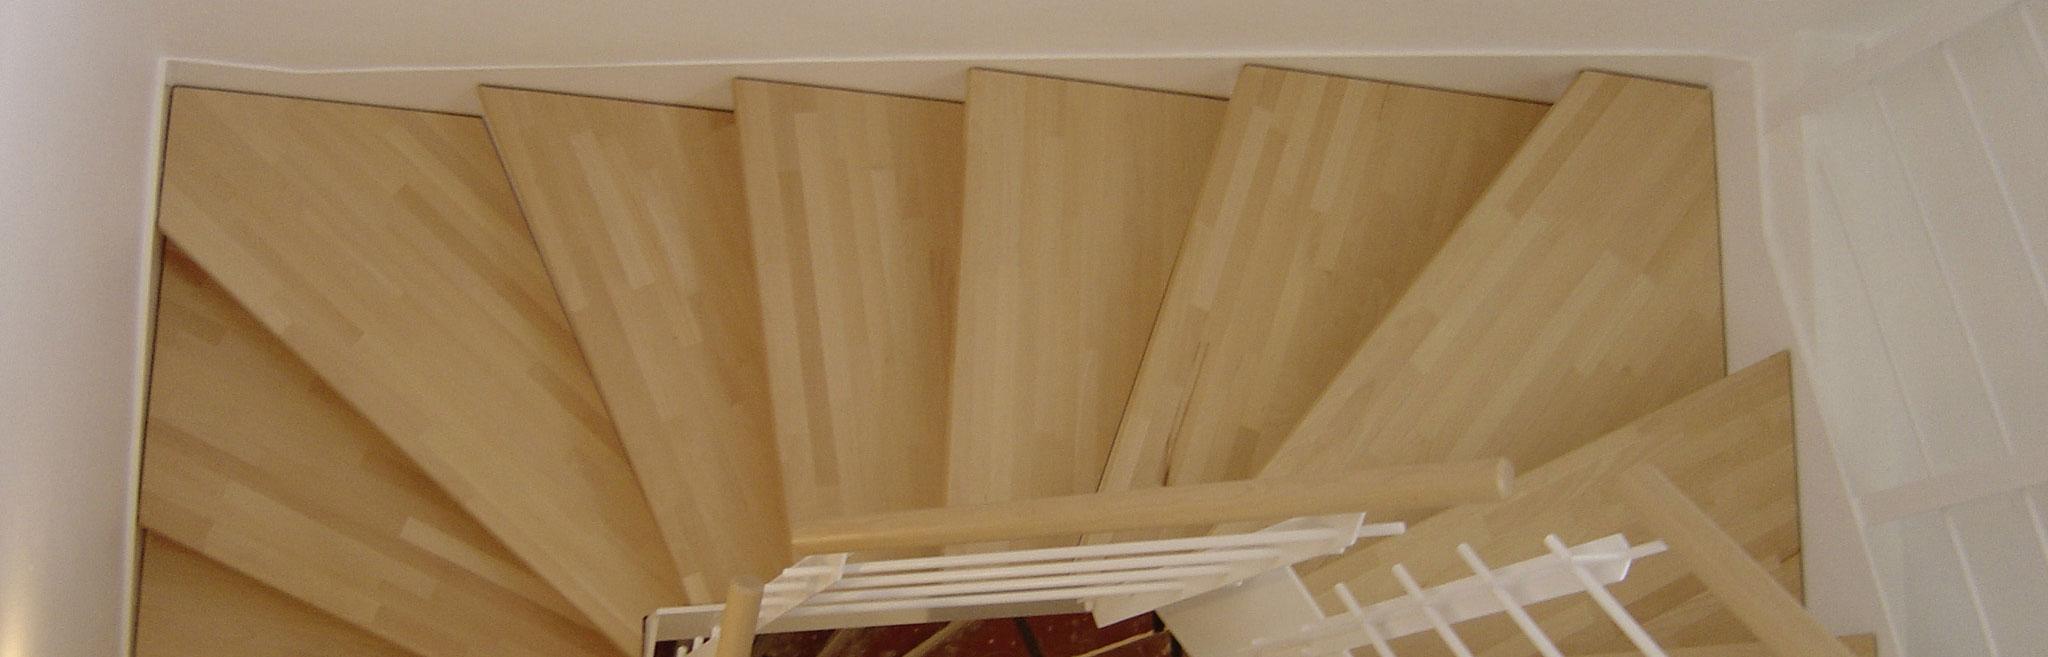 treppenstufen aus holz treppenstufen holz auf metall. Black Bedroom Furniture Sets. Home Design Ideas